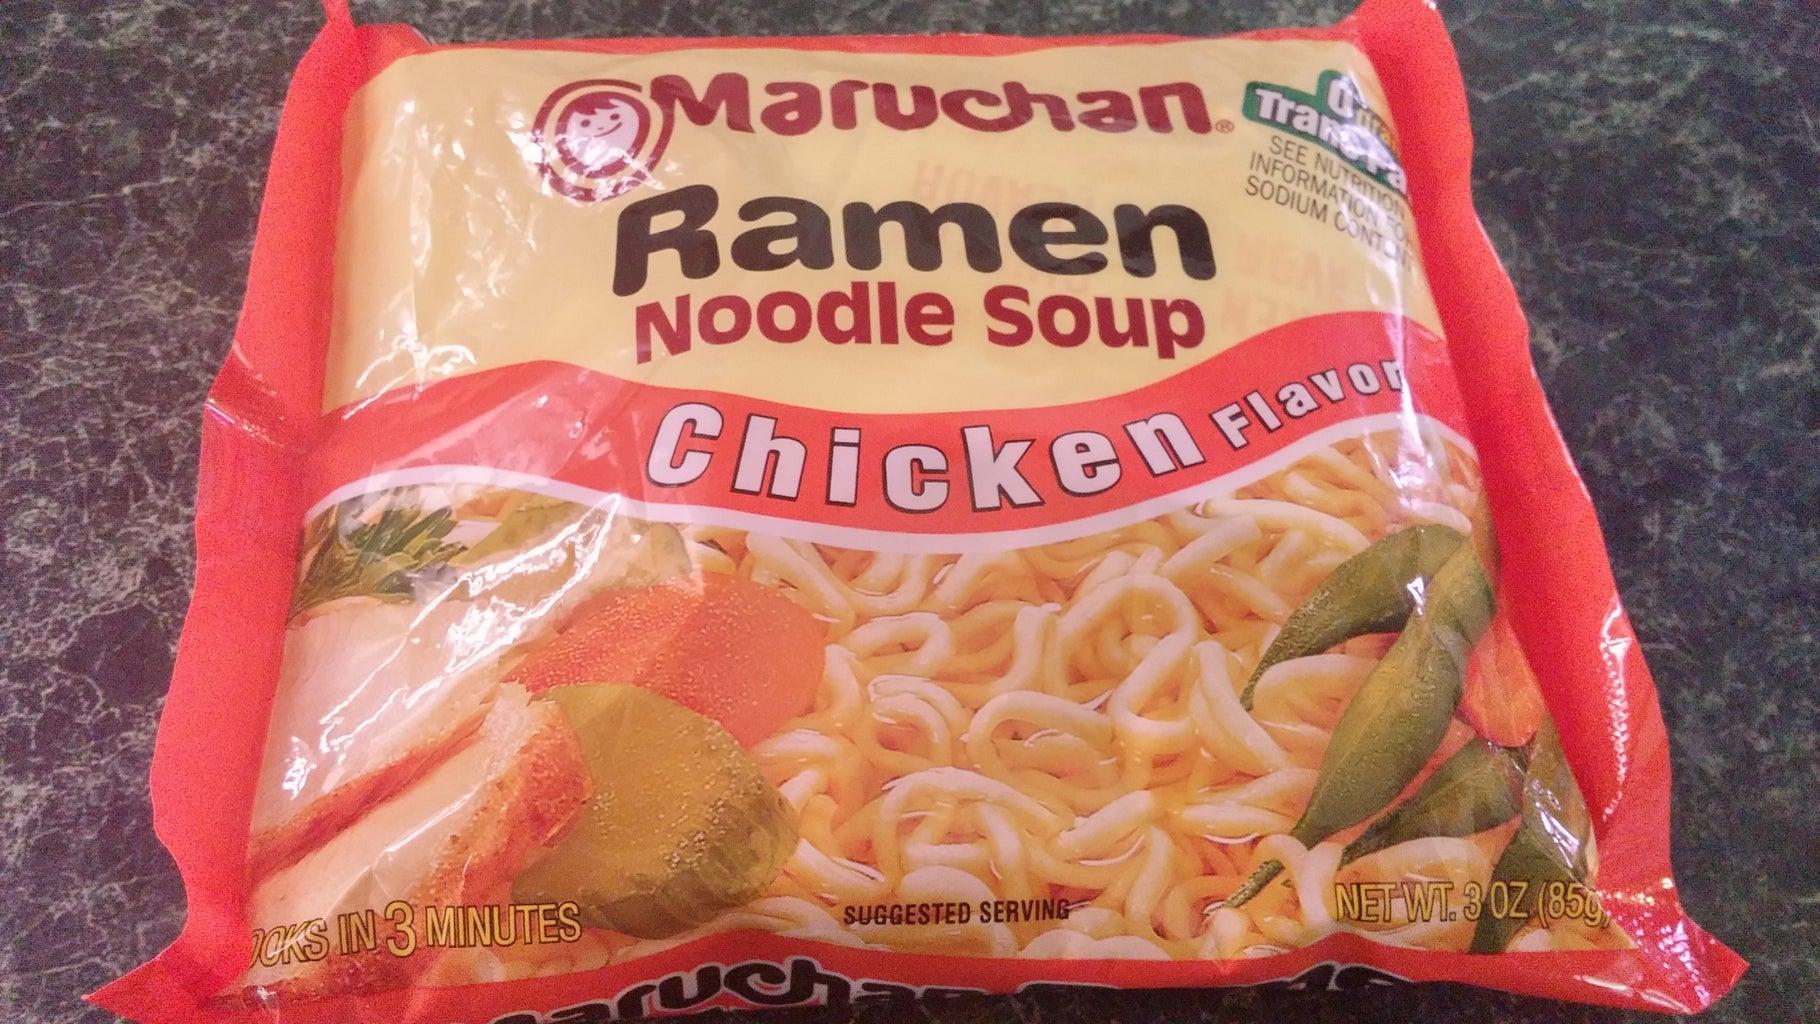 Prepare the Noodles